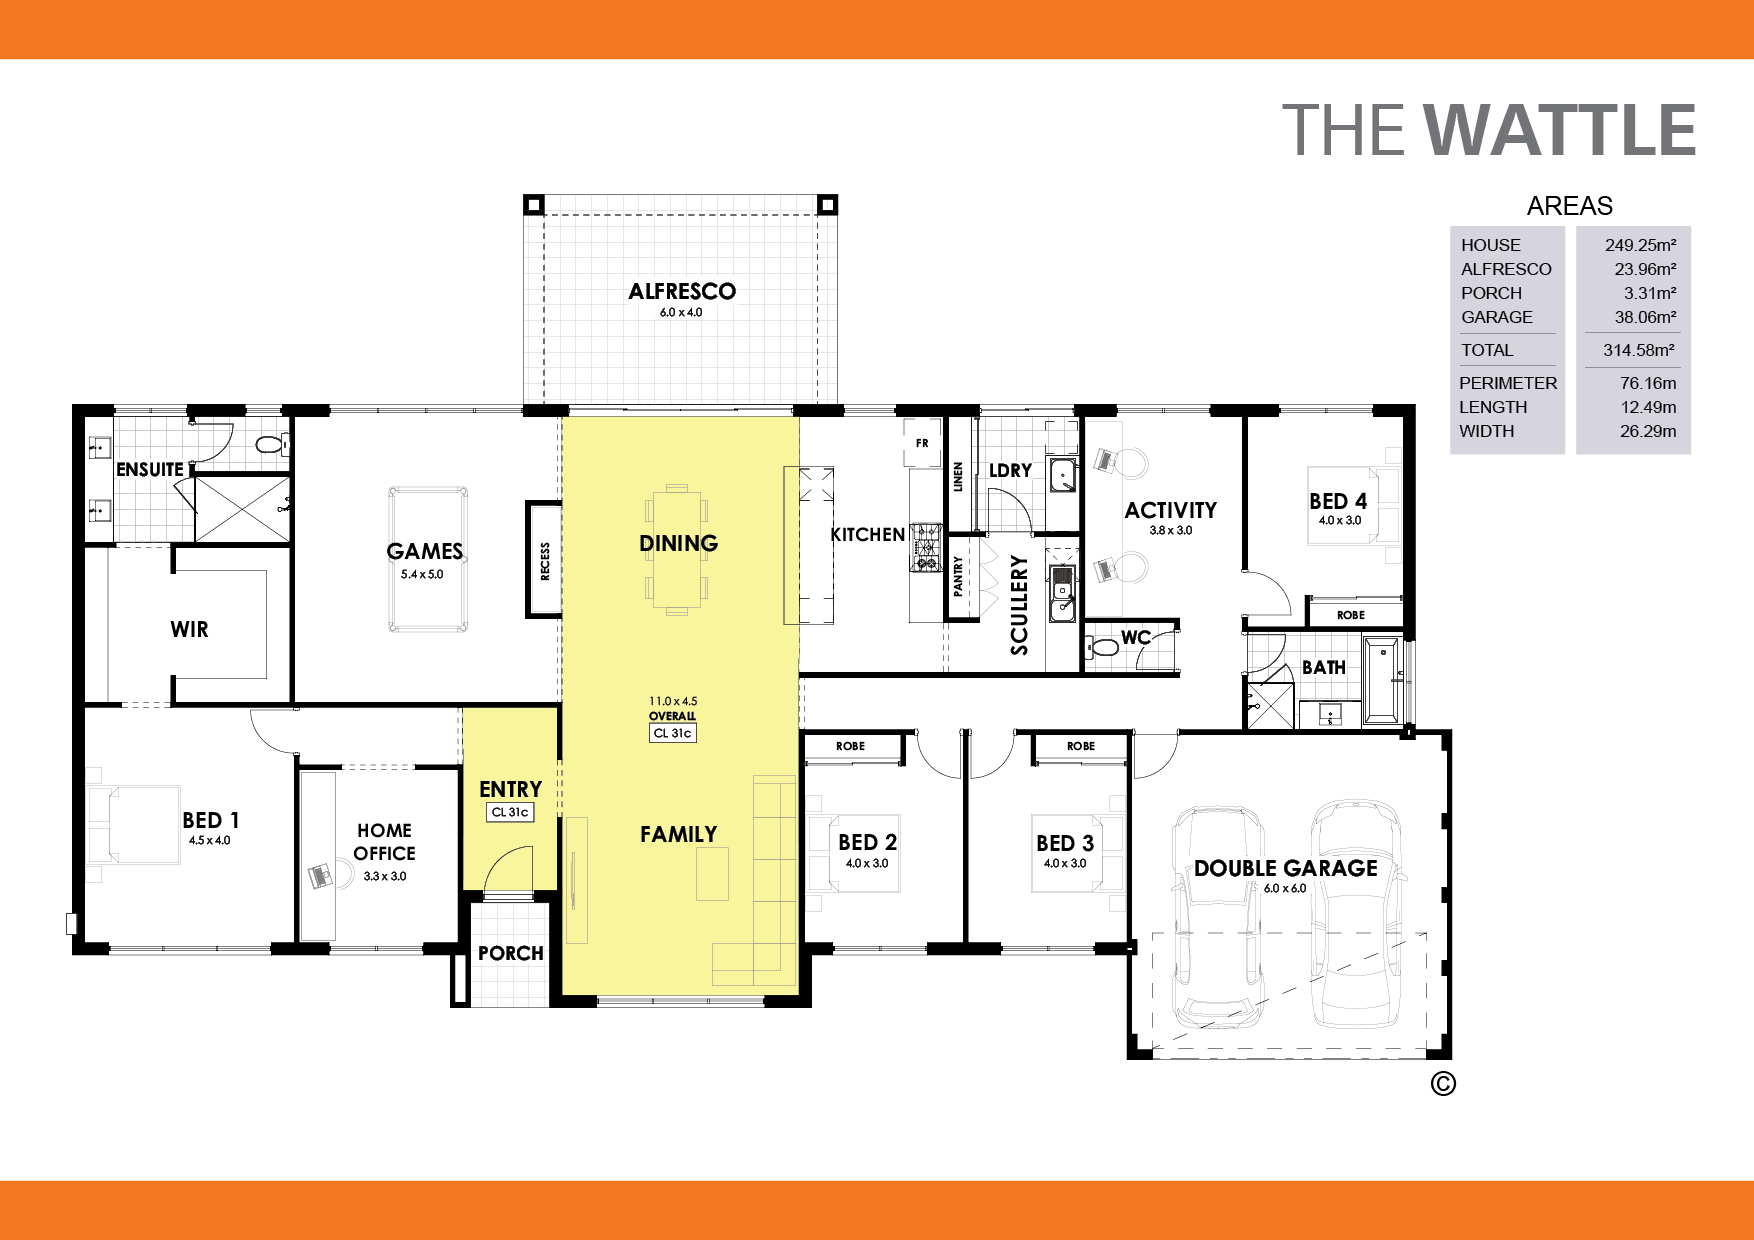 The Wattle Floorplan